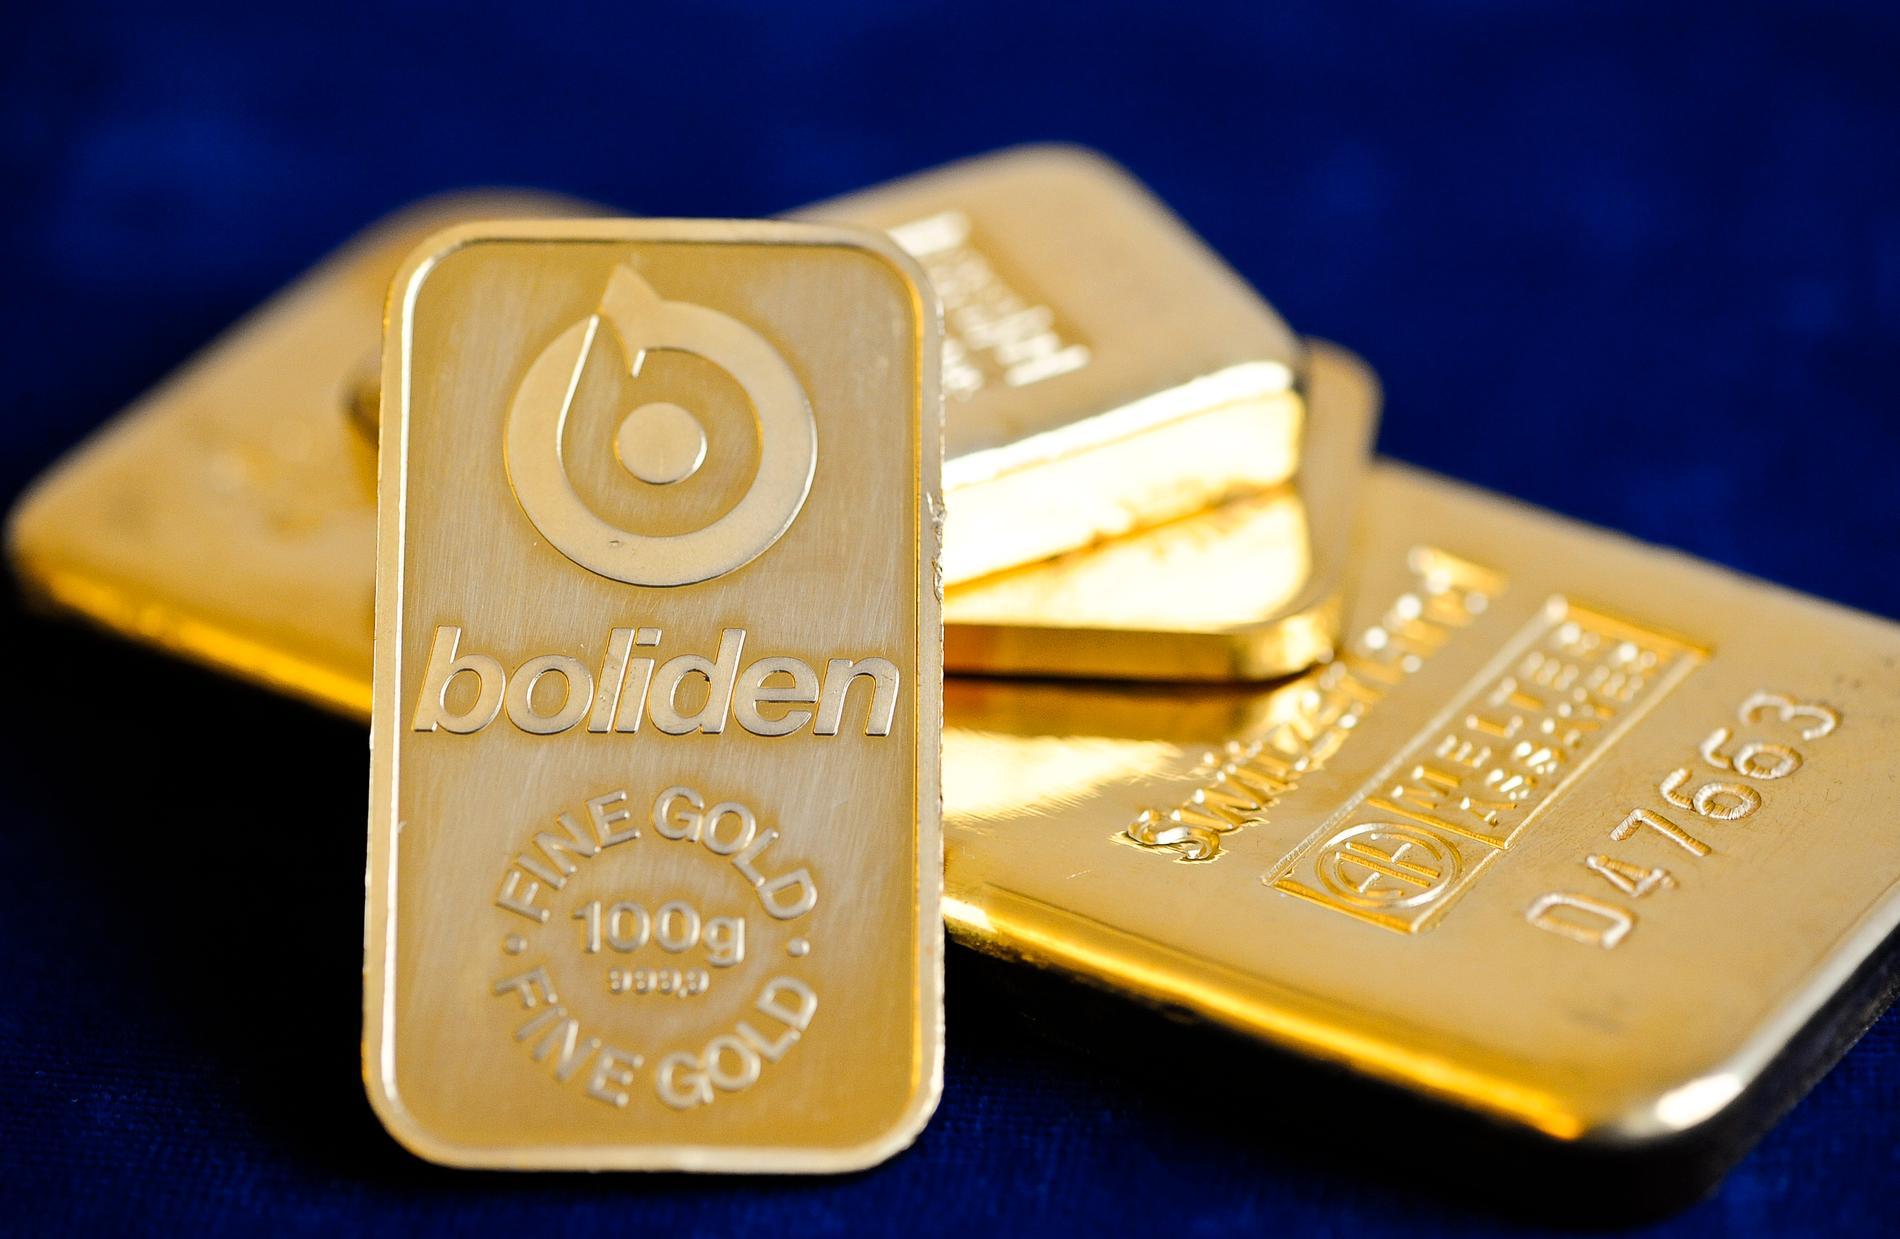 Att smida guld till tackor eller andra föremål är en urgammal och känd teknik. Nu har forskare vid Chalmers upptäckt att ett guldföremåls yta kan fås att smälta i ett elektronmikroskop. Arkivbild.